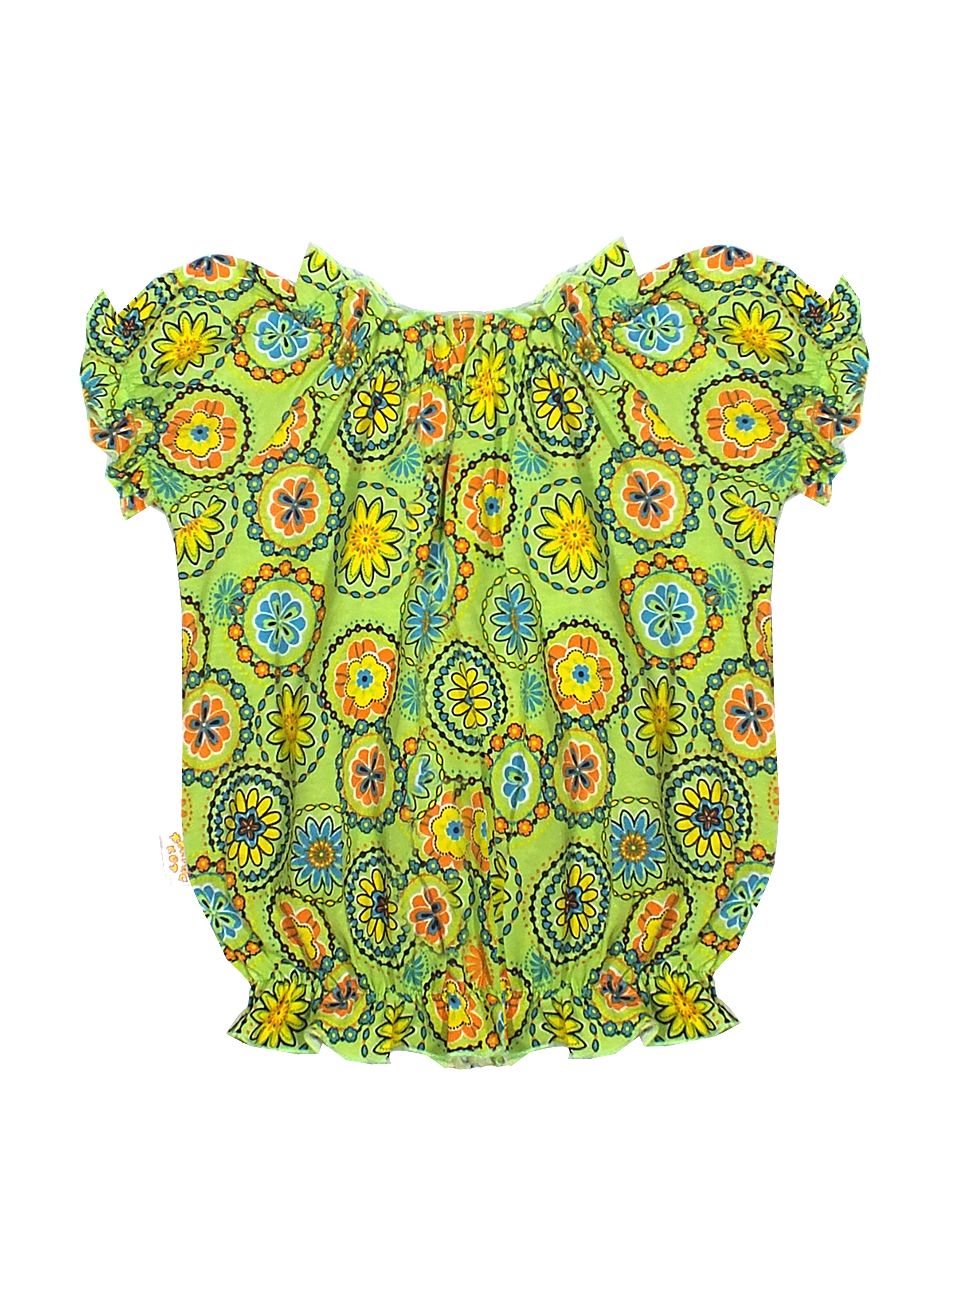 Топ для девочек Желтый кот 278к зеленый-104